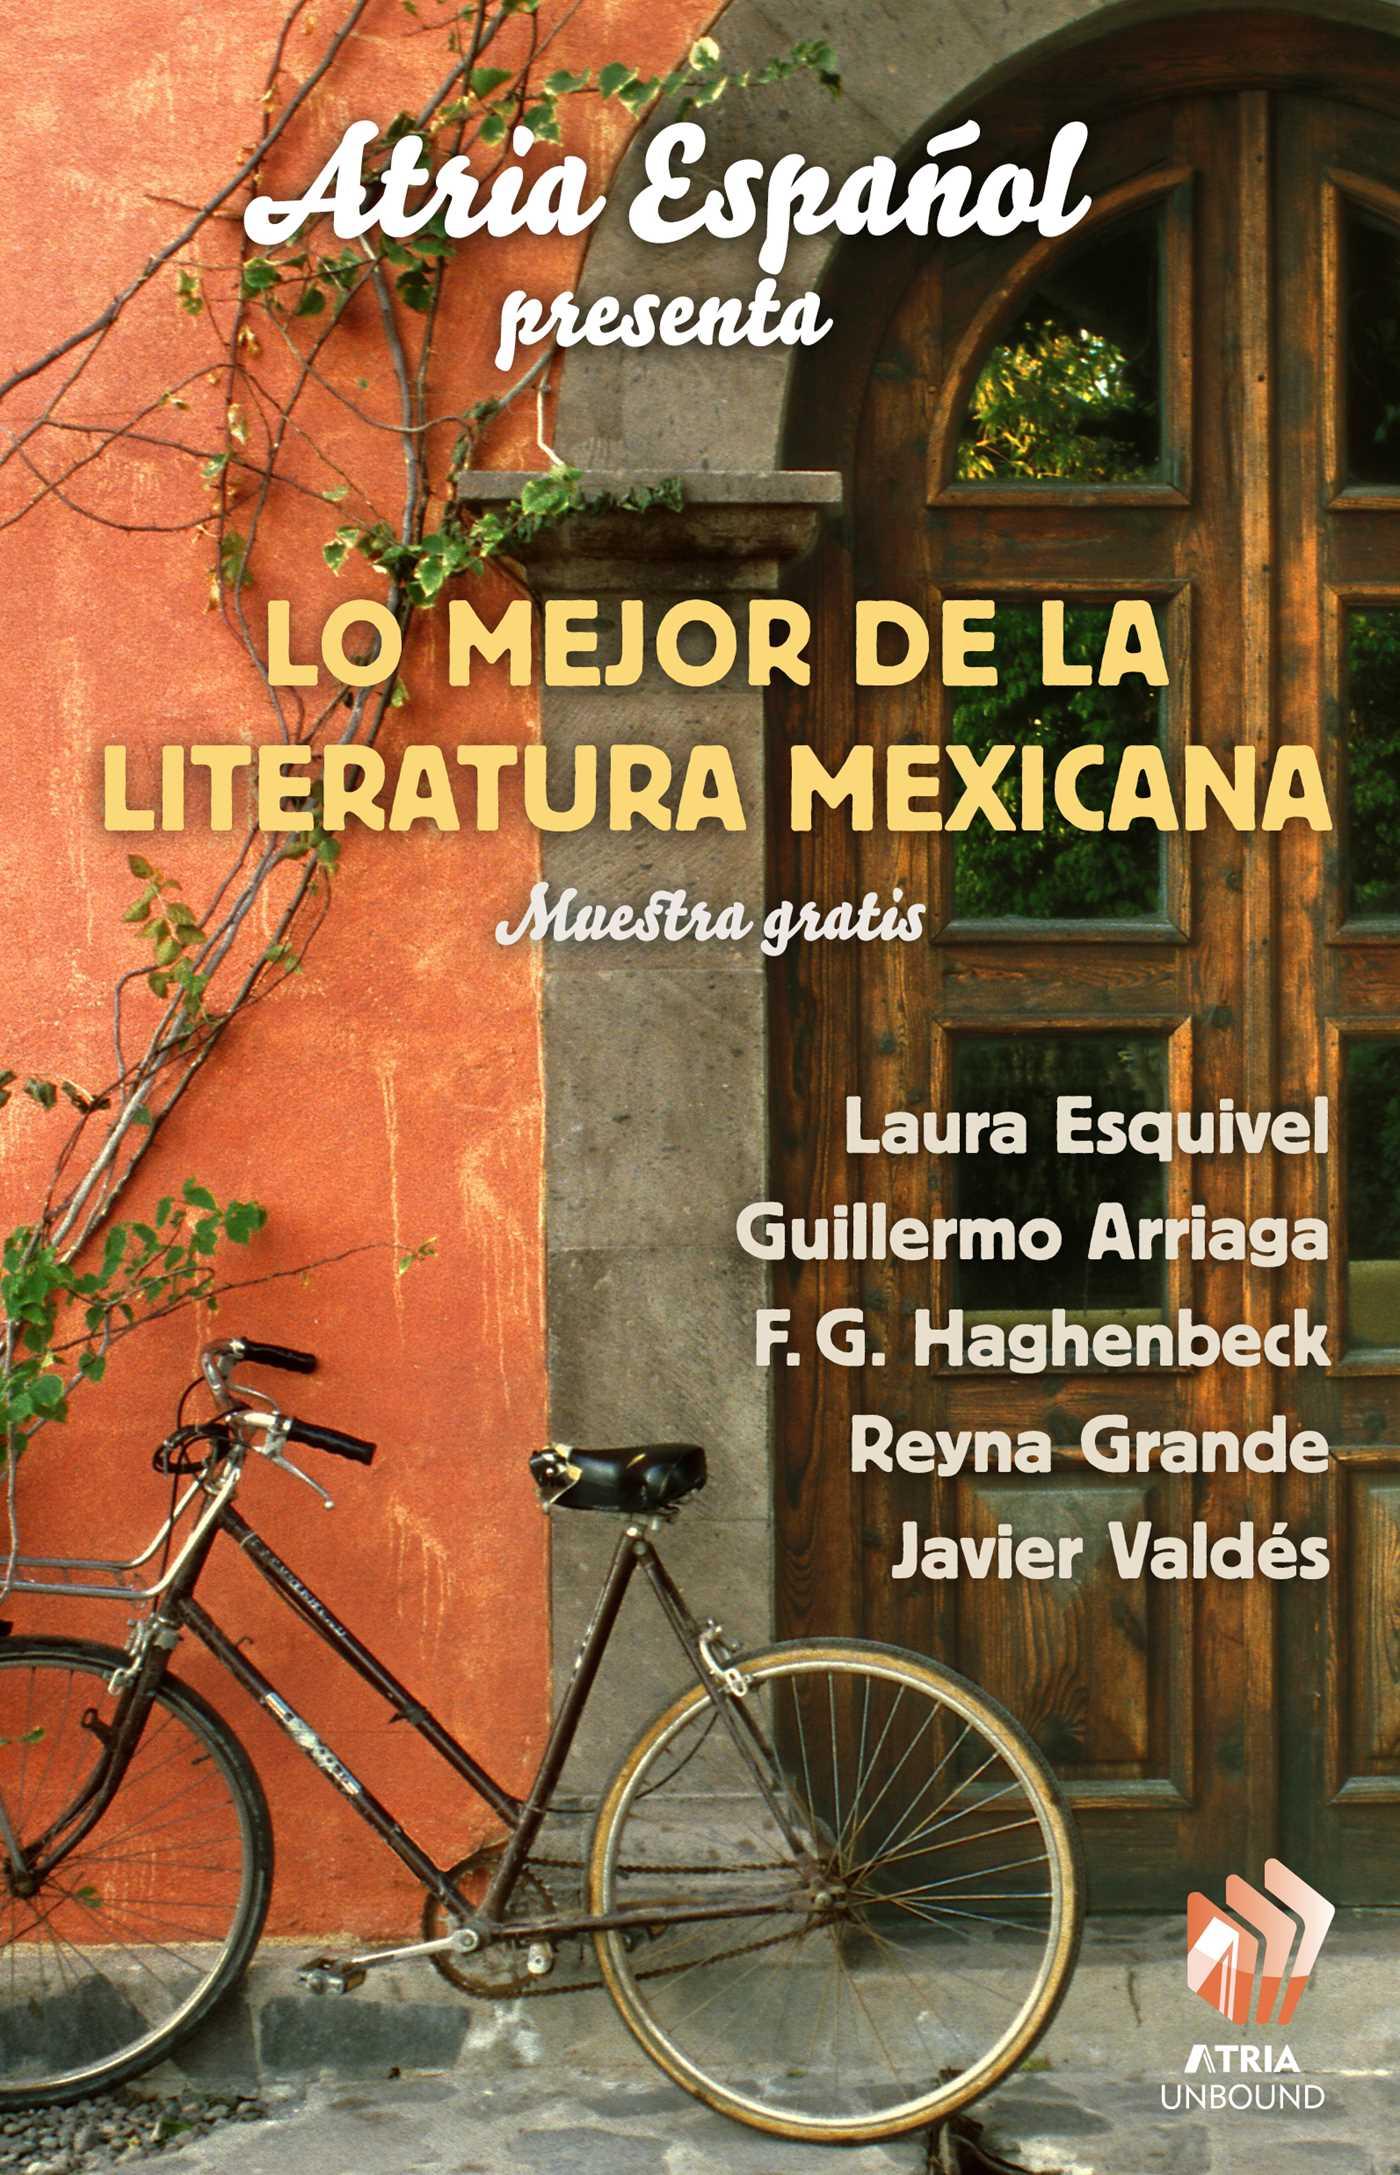 Atria espanol presenta lo major de literatura mexicana 9781476740799 hr